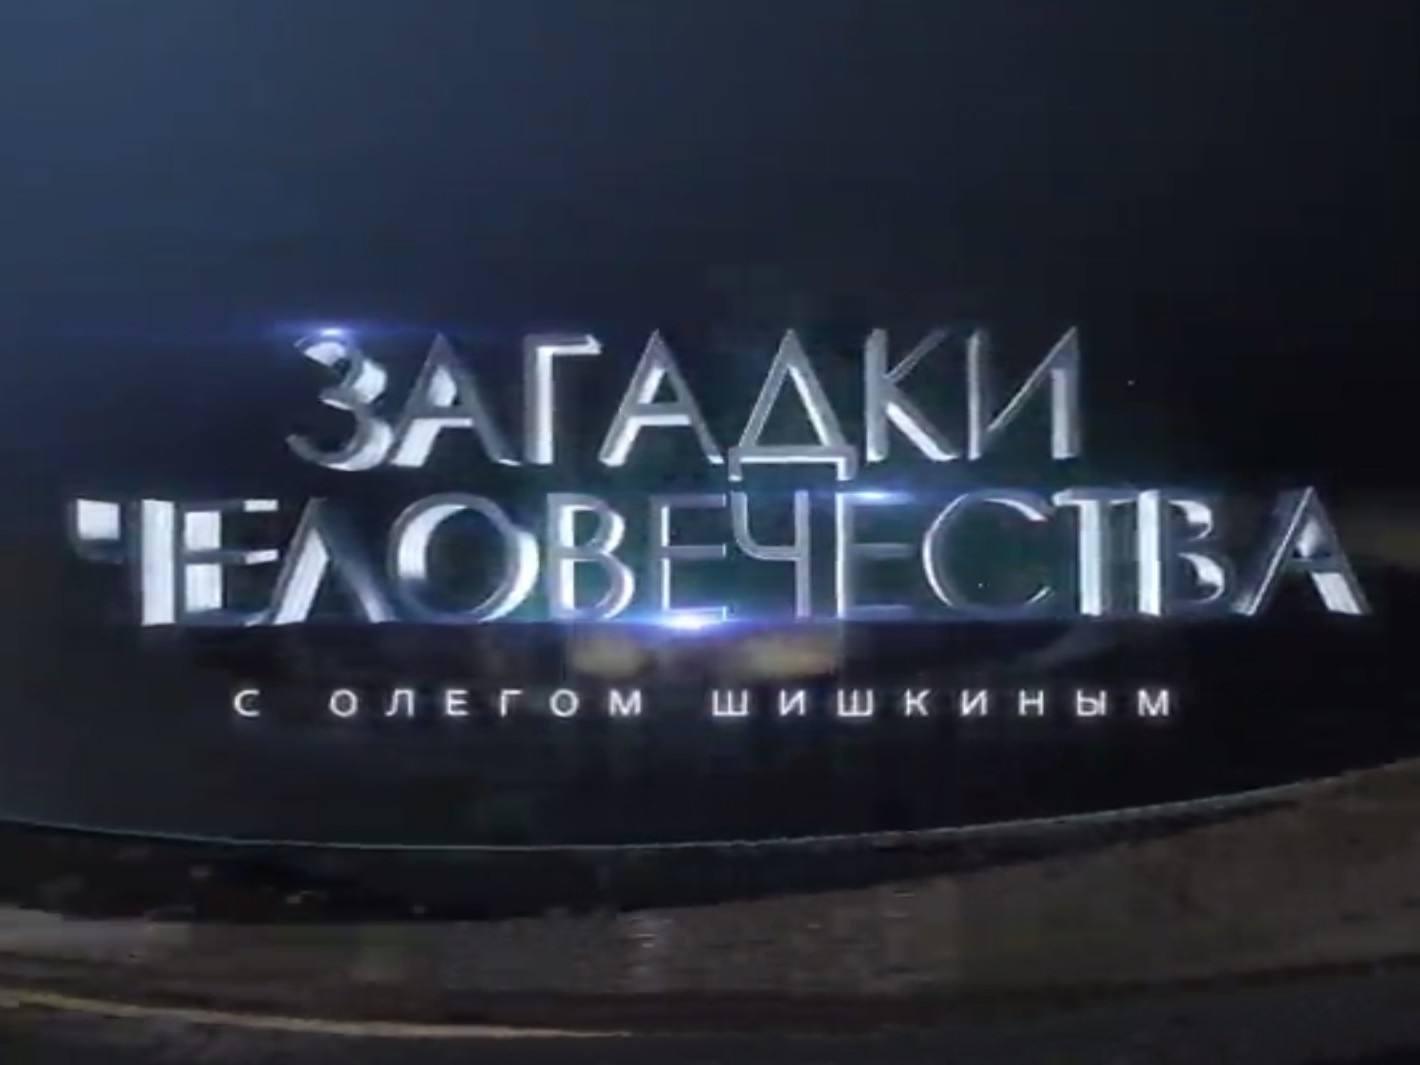 программа РЕН ТВ: Загадки человечества с Олегом Шишкиным 415 серия